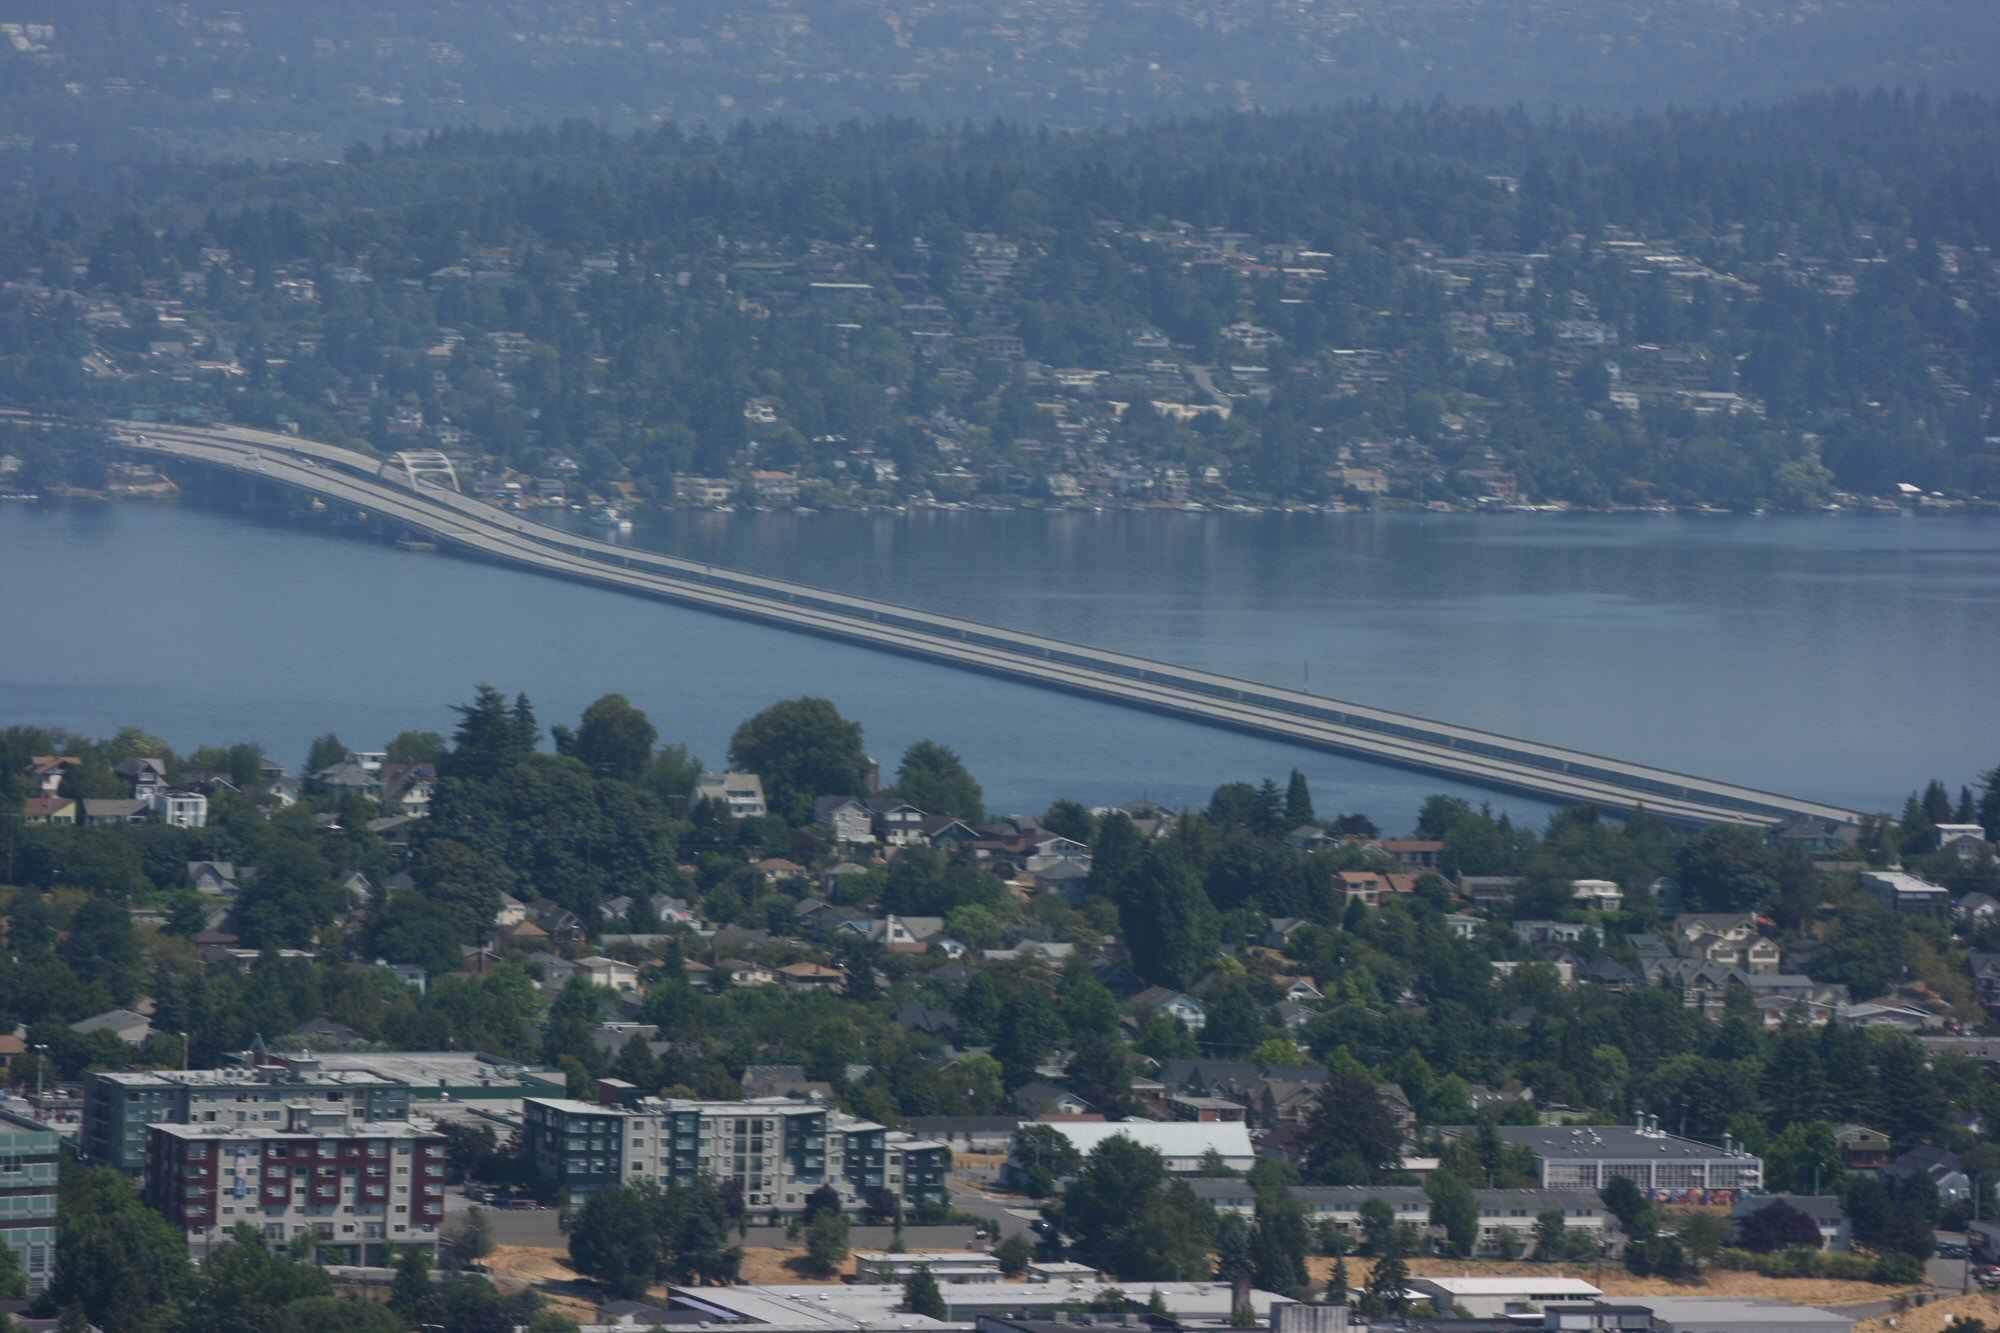 long pont automobile flotte sur l'eau pour relier deux masses terrestres